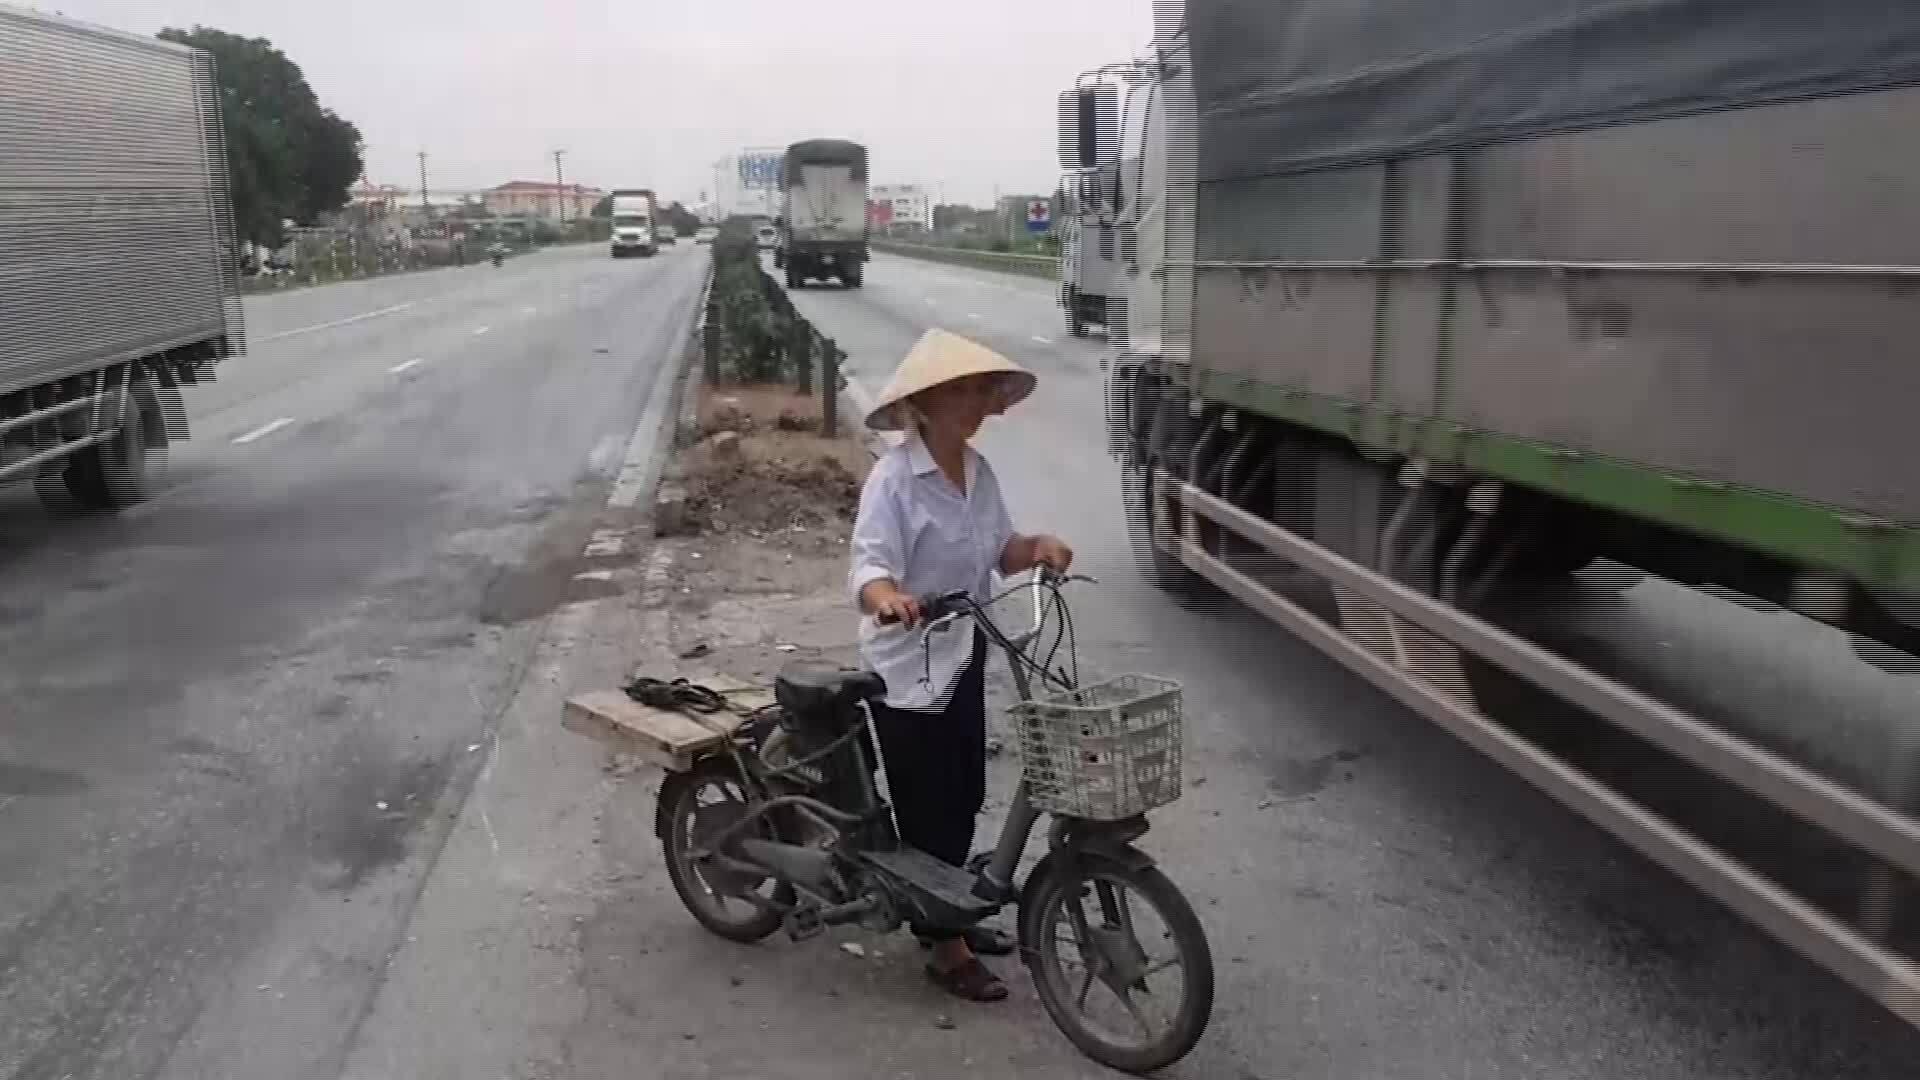 clip thay thế bài người dân bất chấp nguy hiểm đi qua lối mở quốc lộ 5 [Gia Chính]